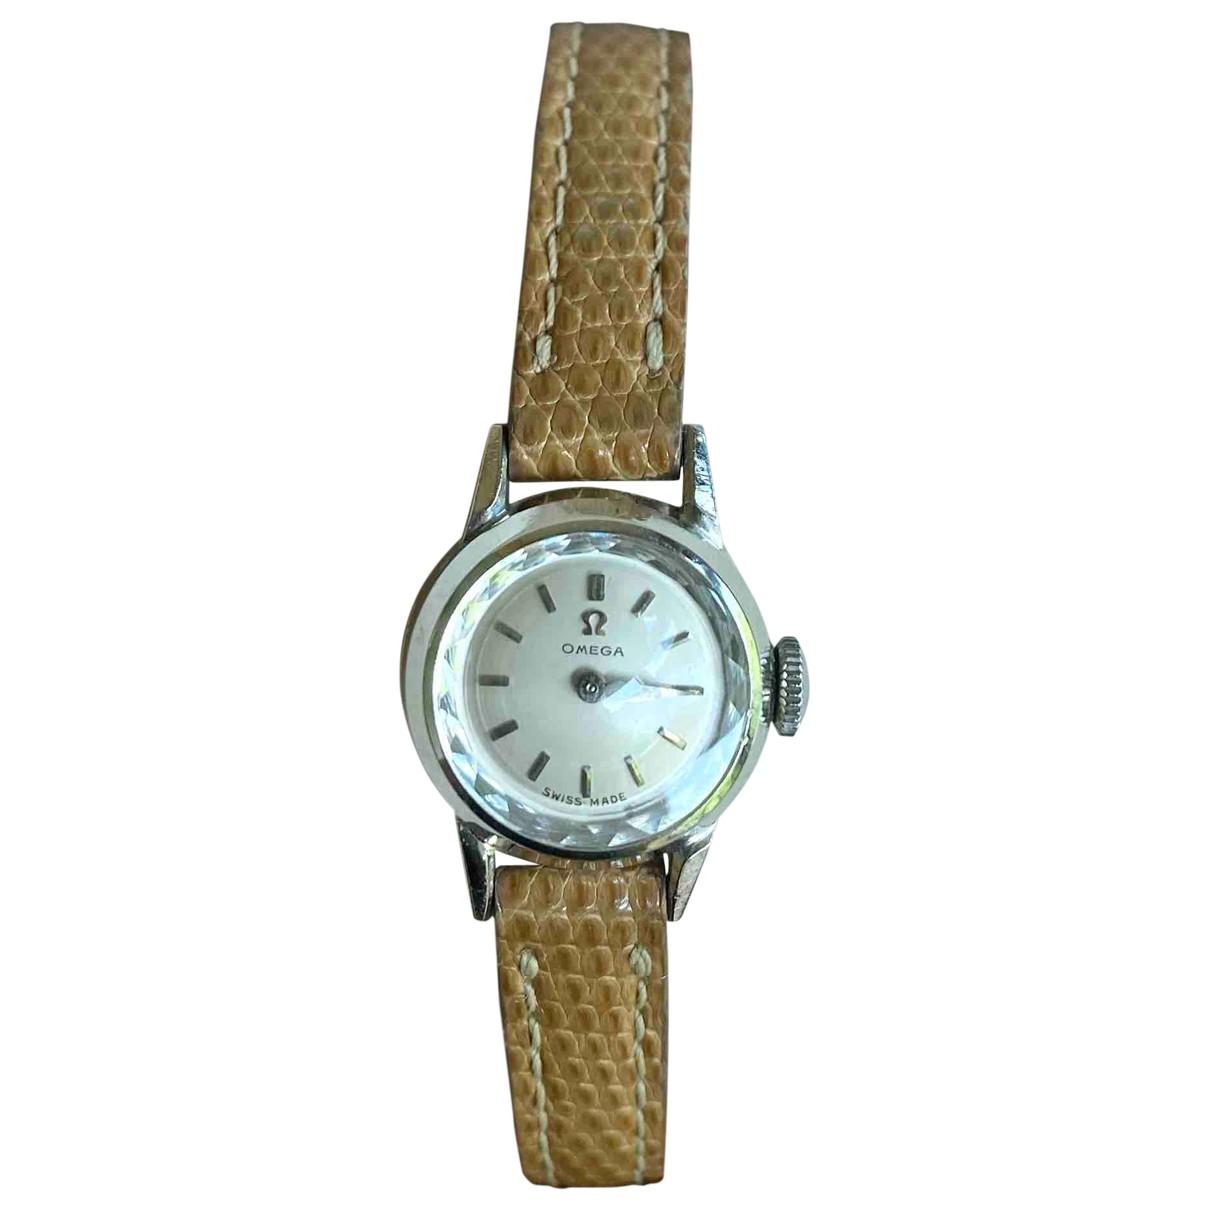 Omega \N Uhr in  Kamel Stahl